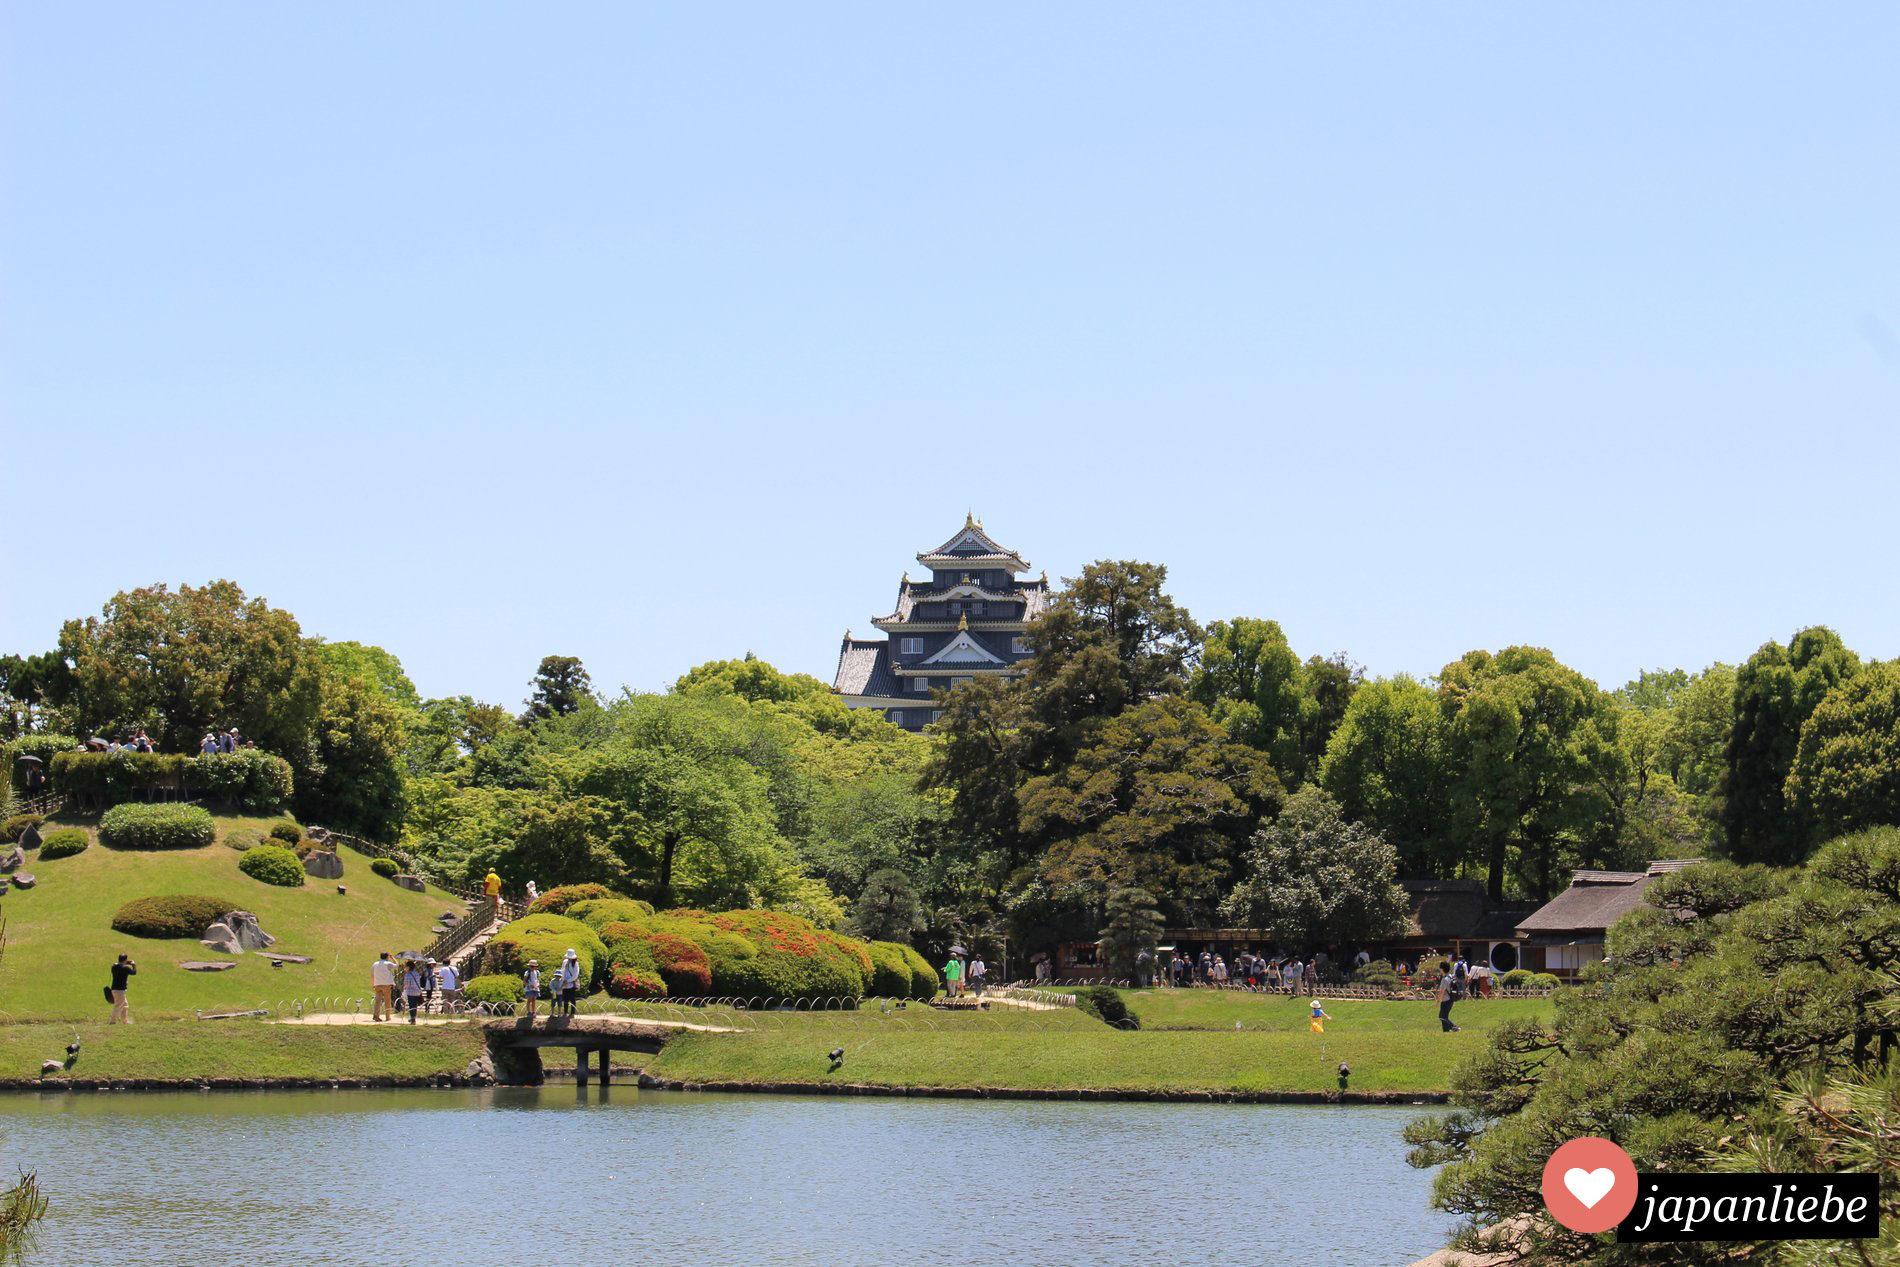 Der Koraku-en Garten In Okayama mit schwarzer Burg im Hintergrund.